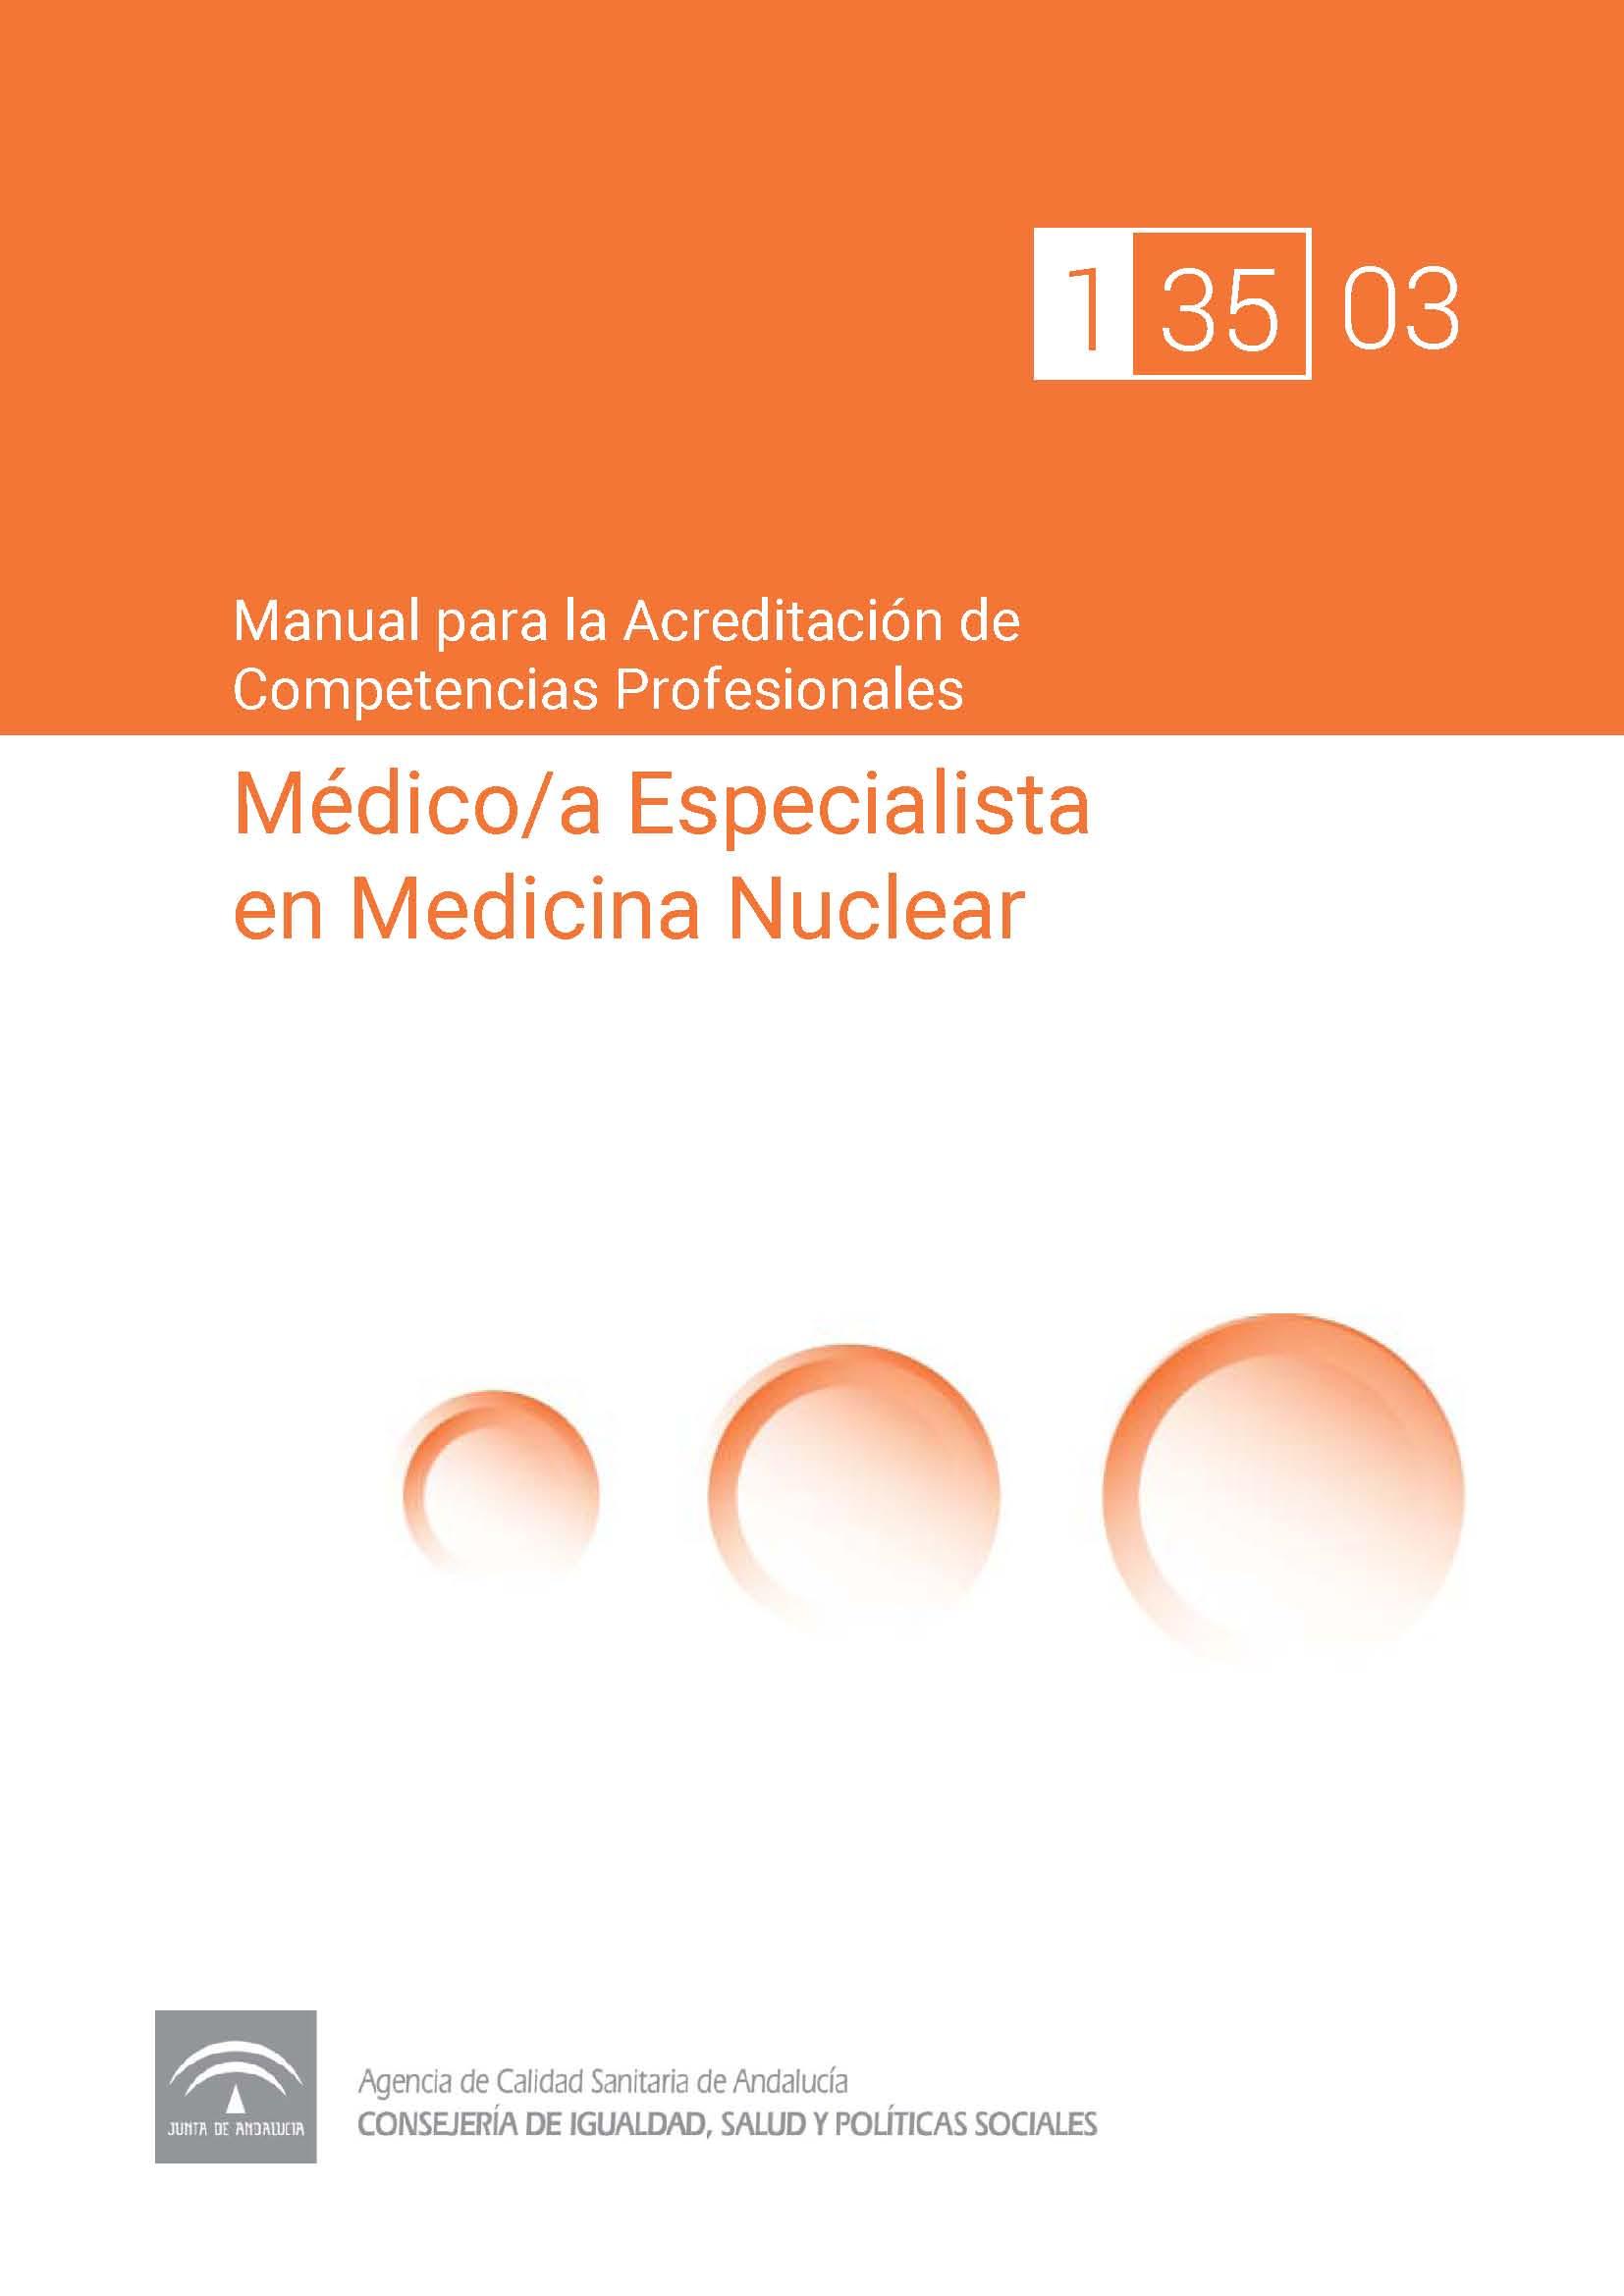 Manual de competencias profesionales del/de la Médico/a Especialista en Medicina Nuclear